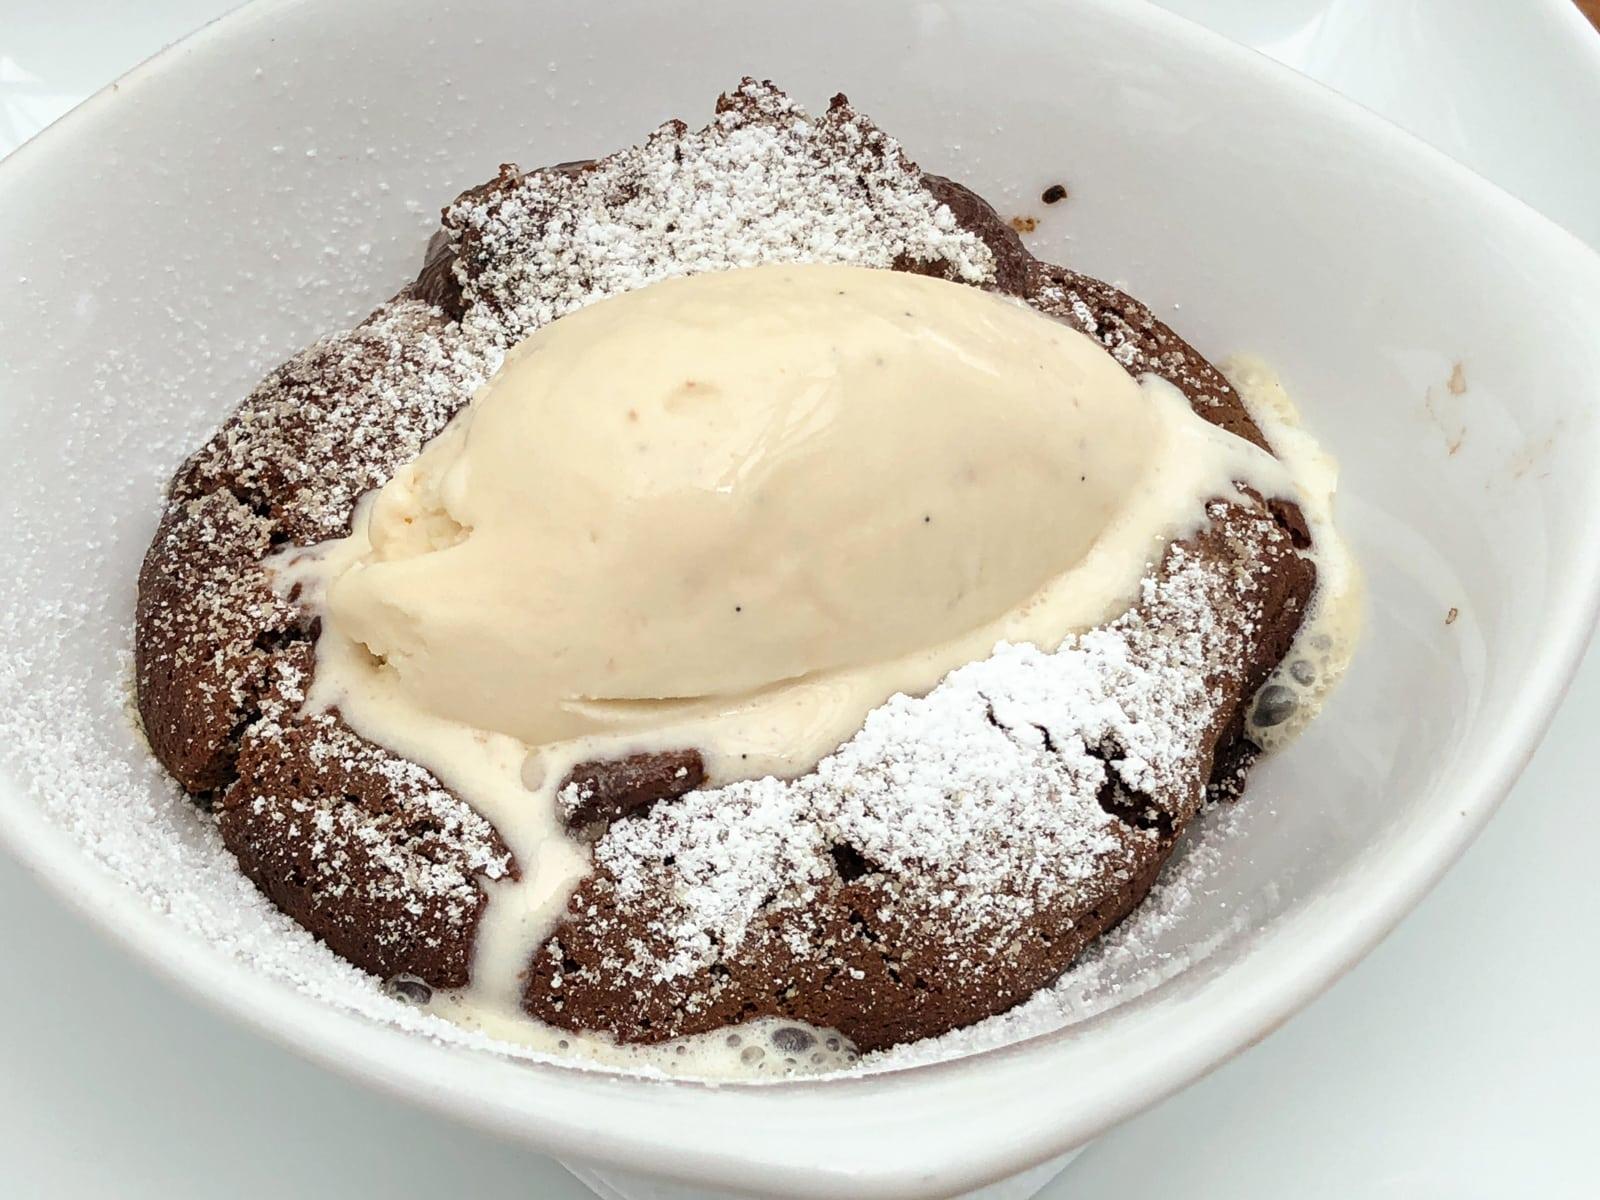 Warm chocolate tart and ice cream